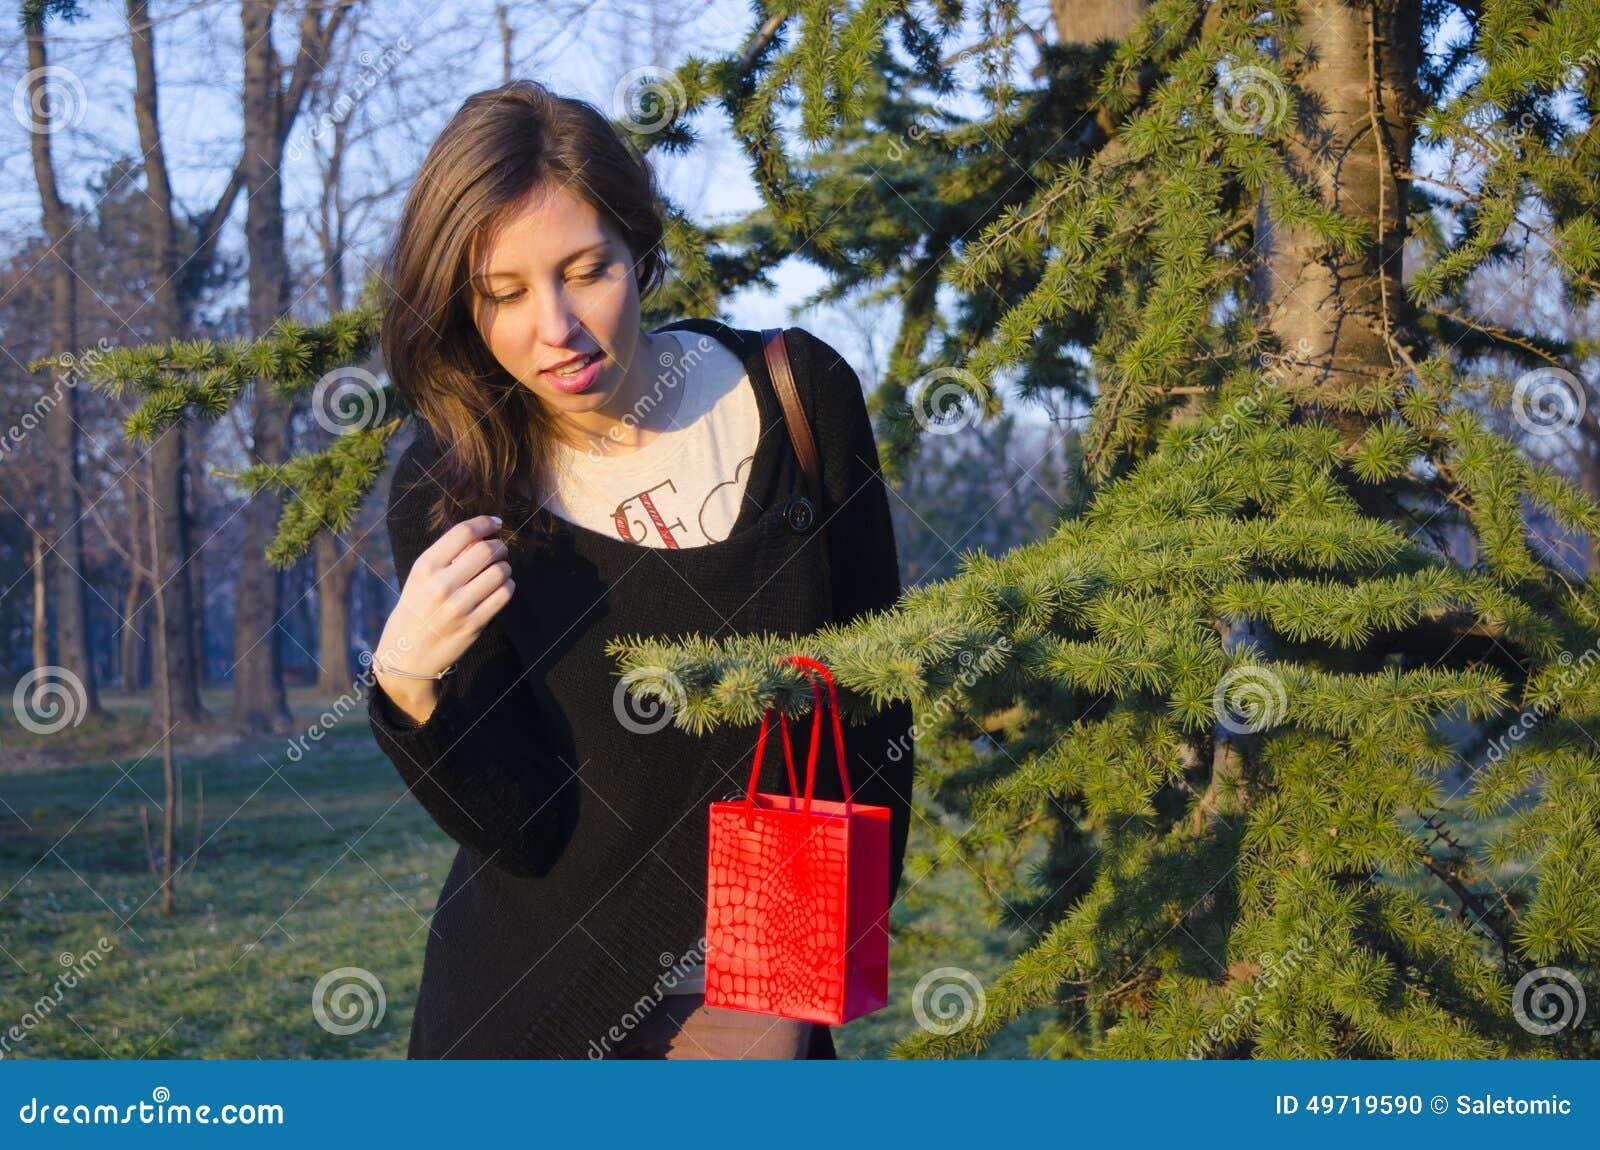 Hallazgo moreno el regalo de su tarjeta del día de San Valentín en un árbol